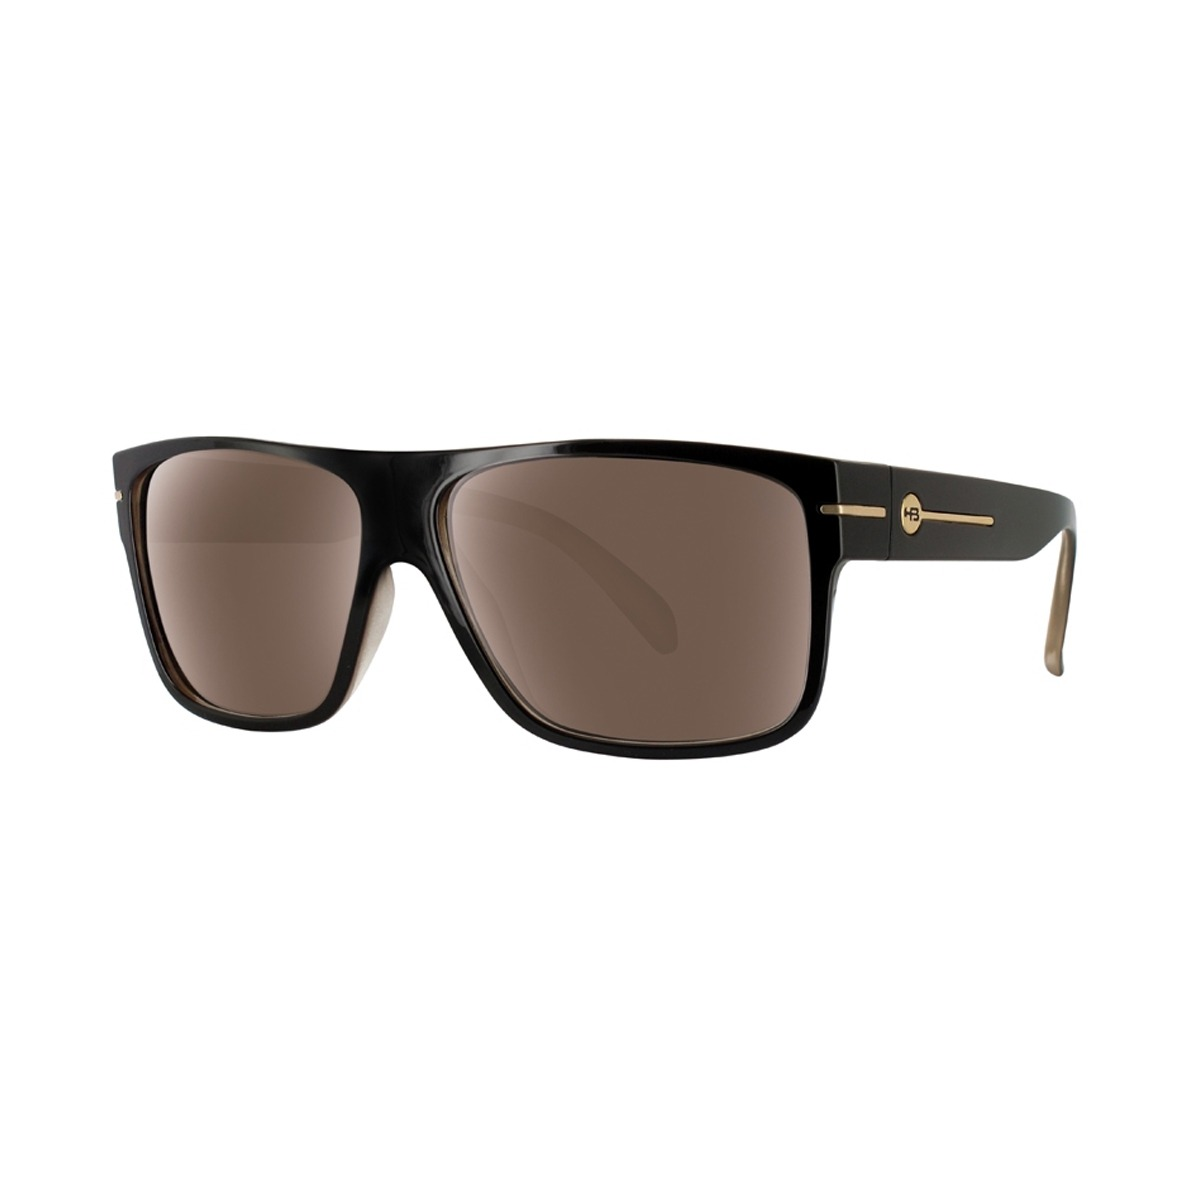 d8490152b4374 óculos de sol hb would café bege brown. Carregando zoom.